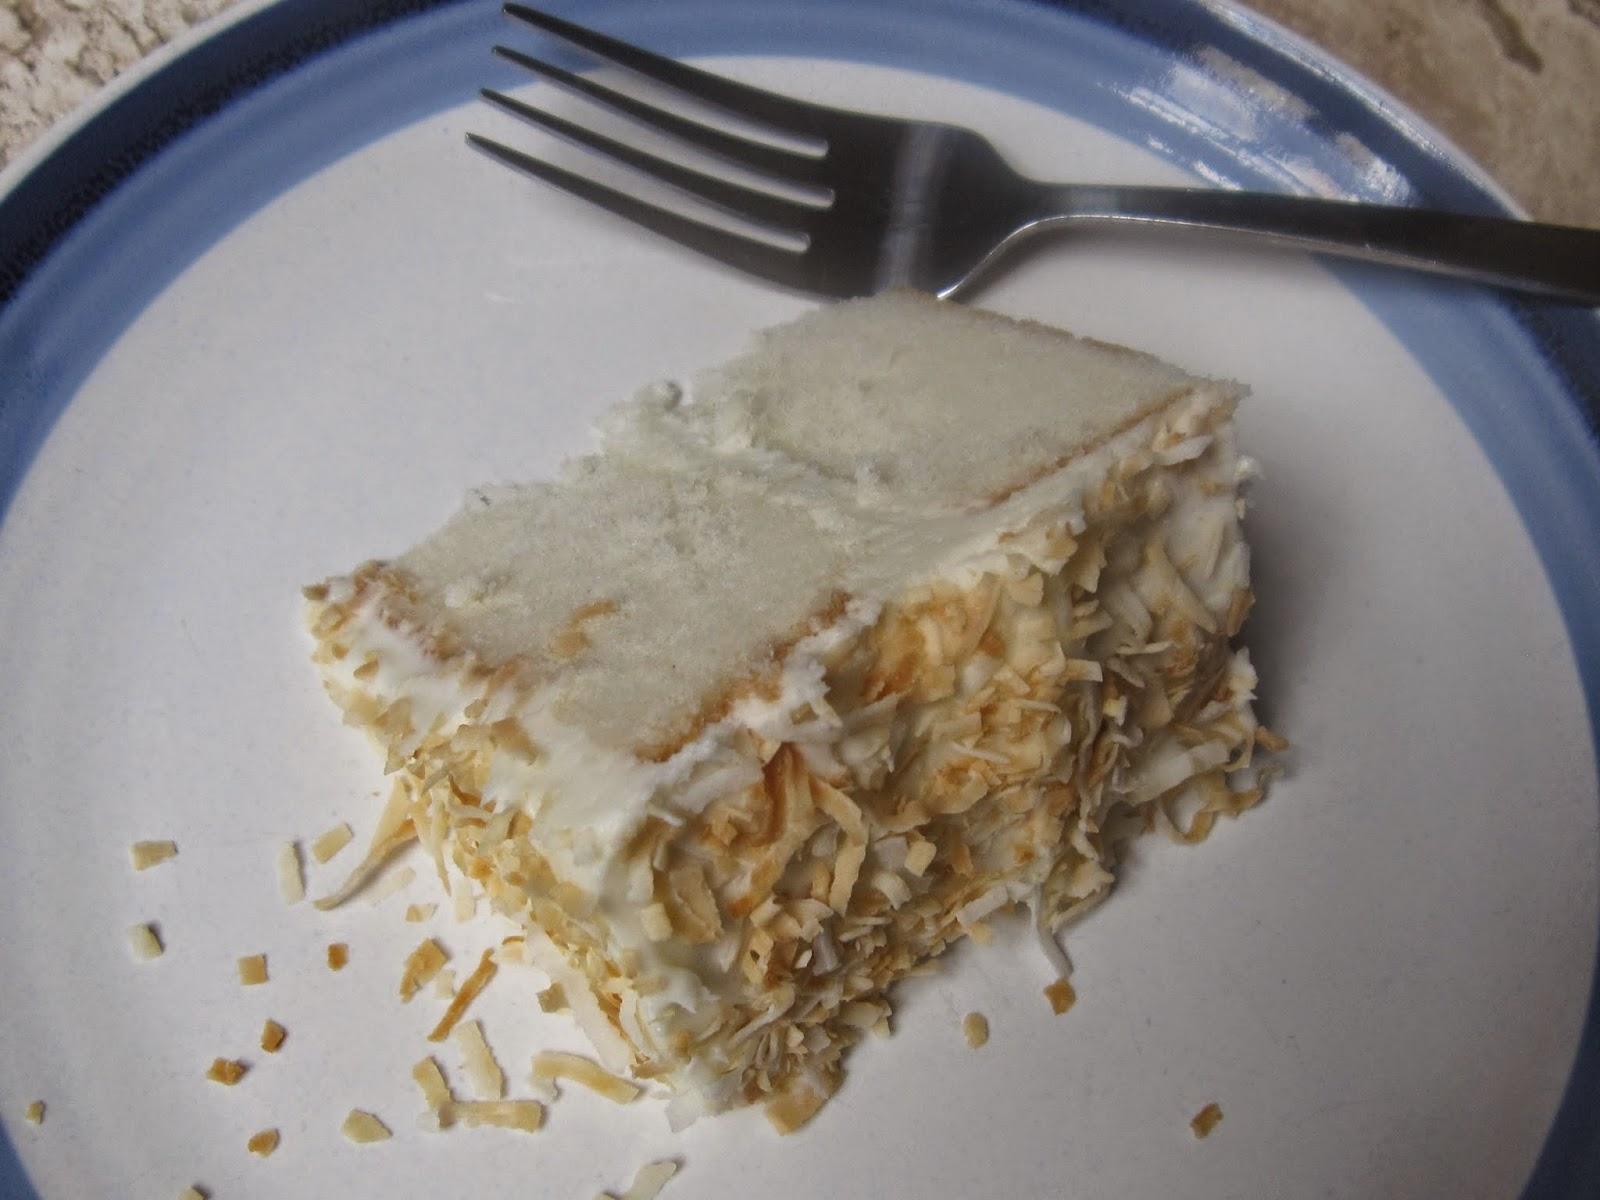 Halve Round Cake Pans